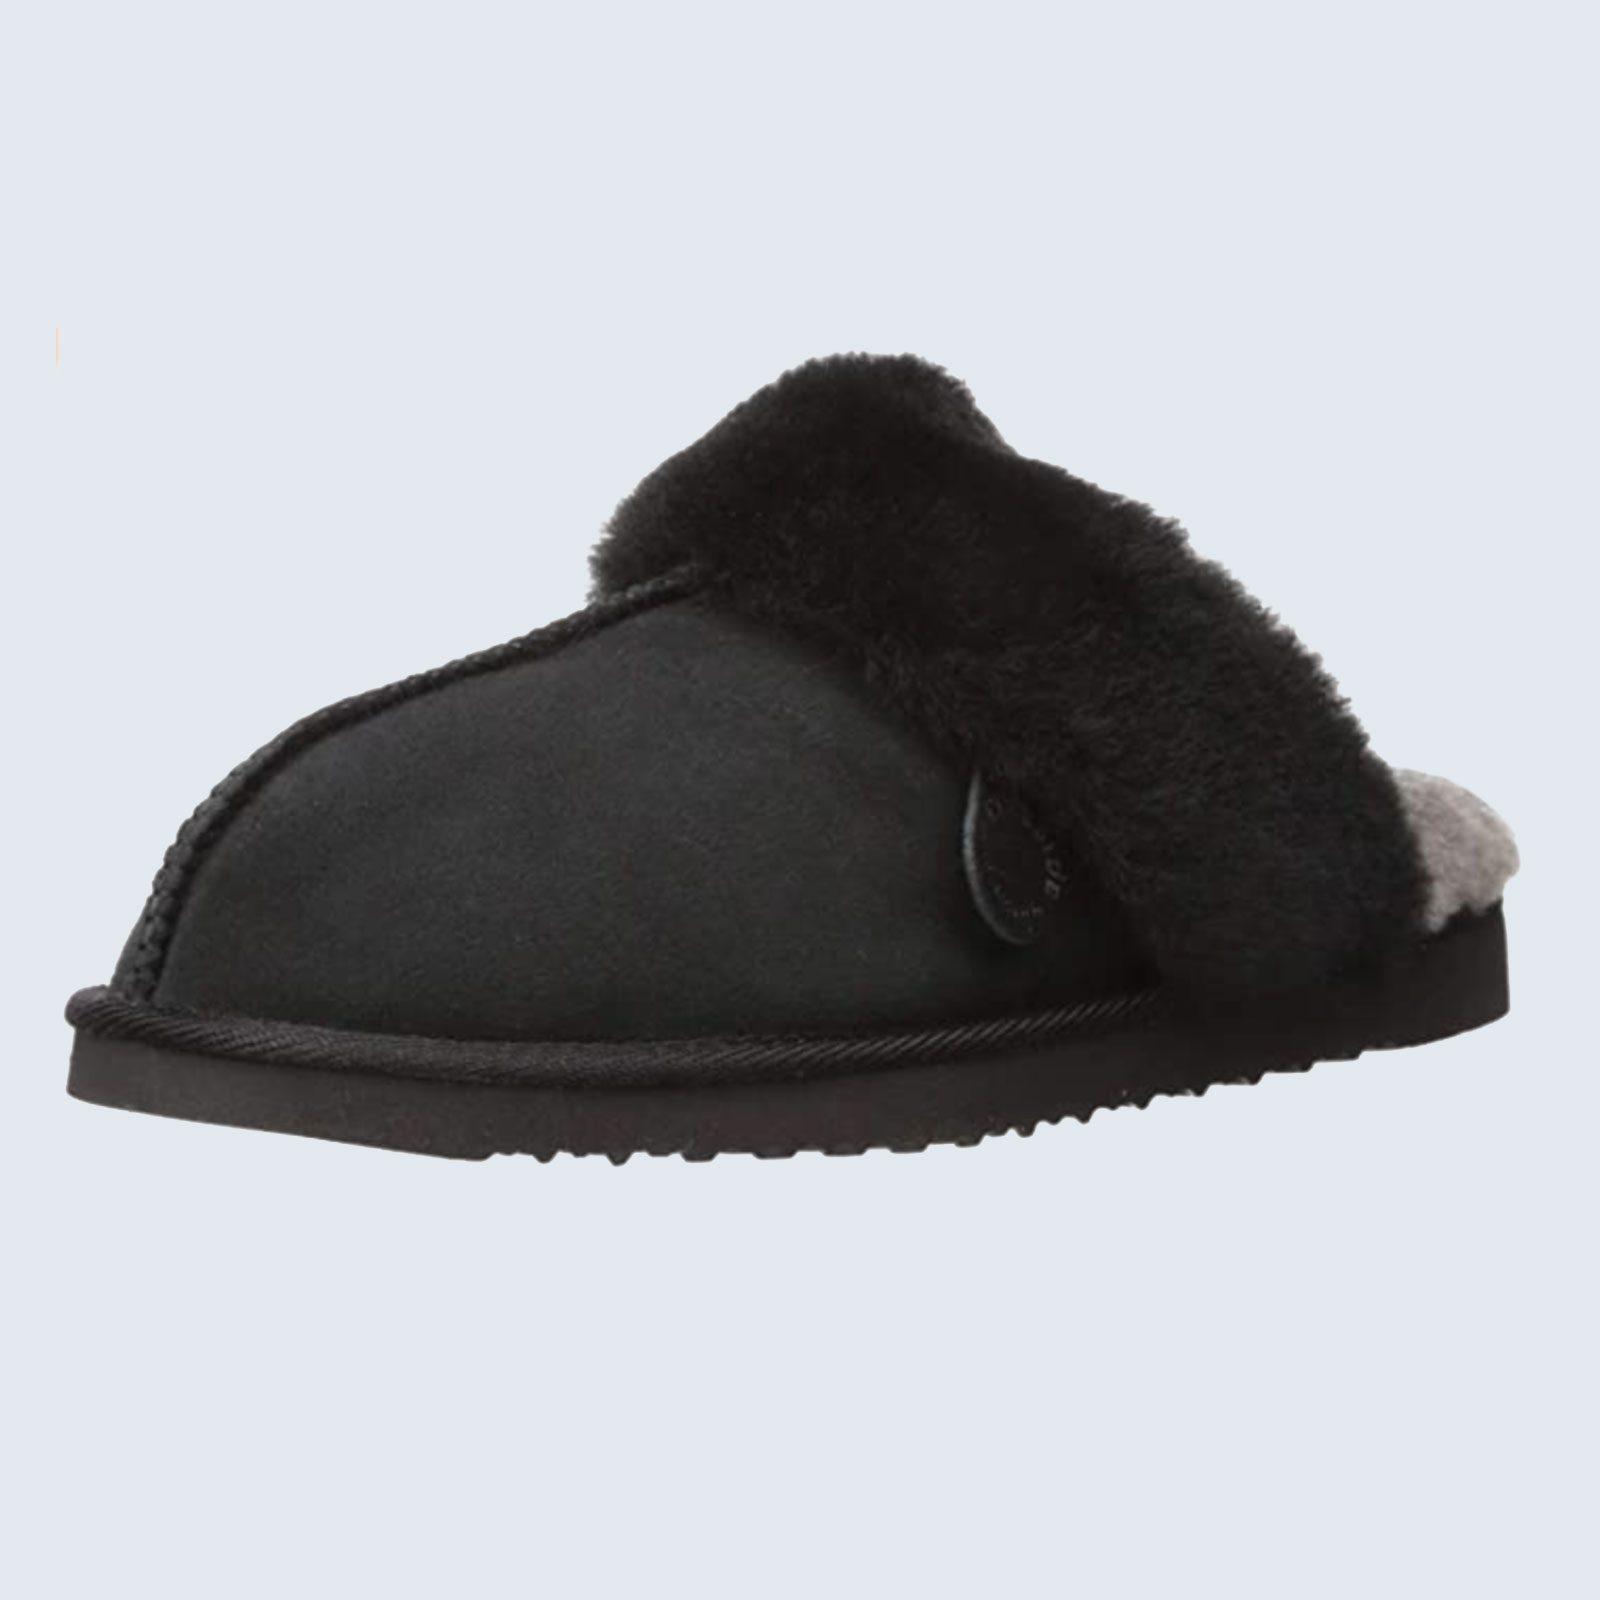 Best slippers for wide feet: Dearfoams Fireside Shearling Slipper